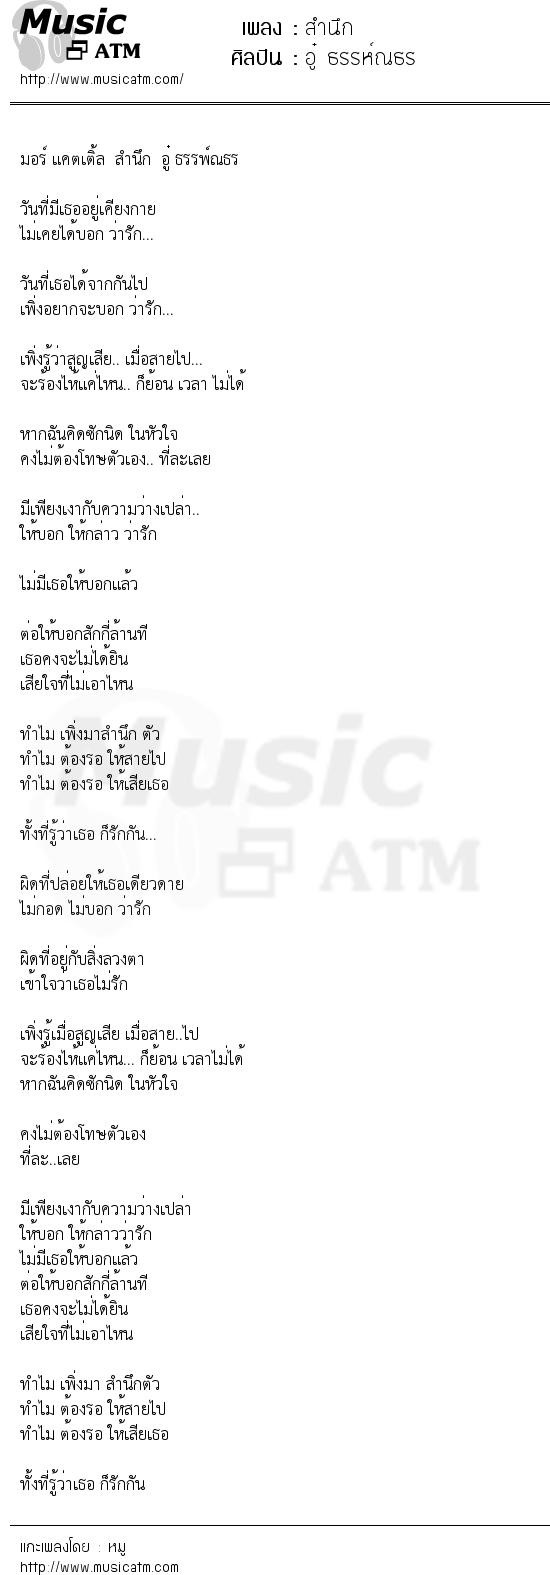 เนื้อเพลง สำนึก - อู๋ ธรรห์ณธร | เพลงไทย